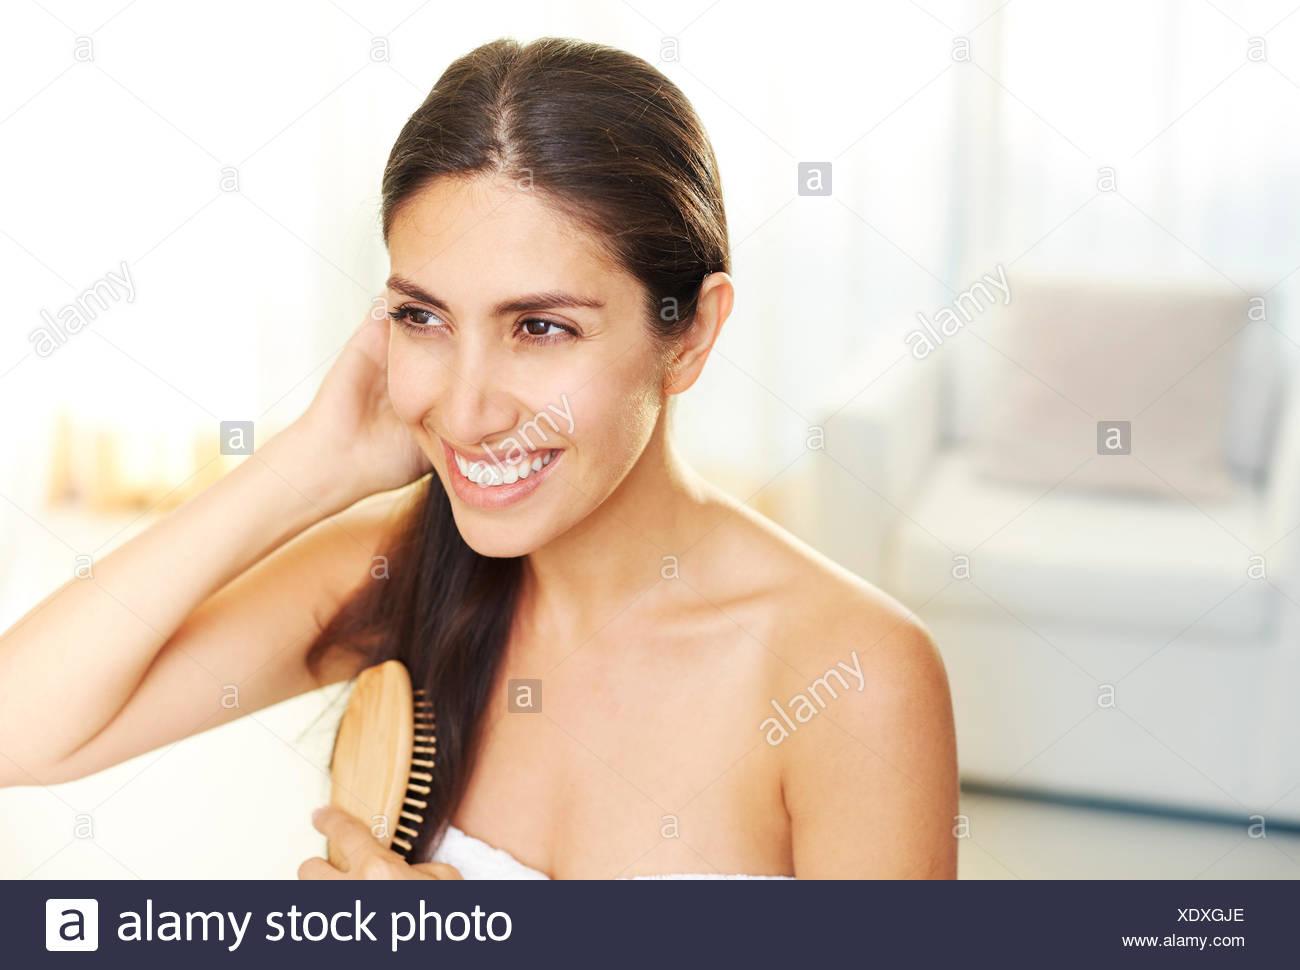 Lächelnde Brünette Frau Bürsten Haare Stockbild